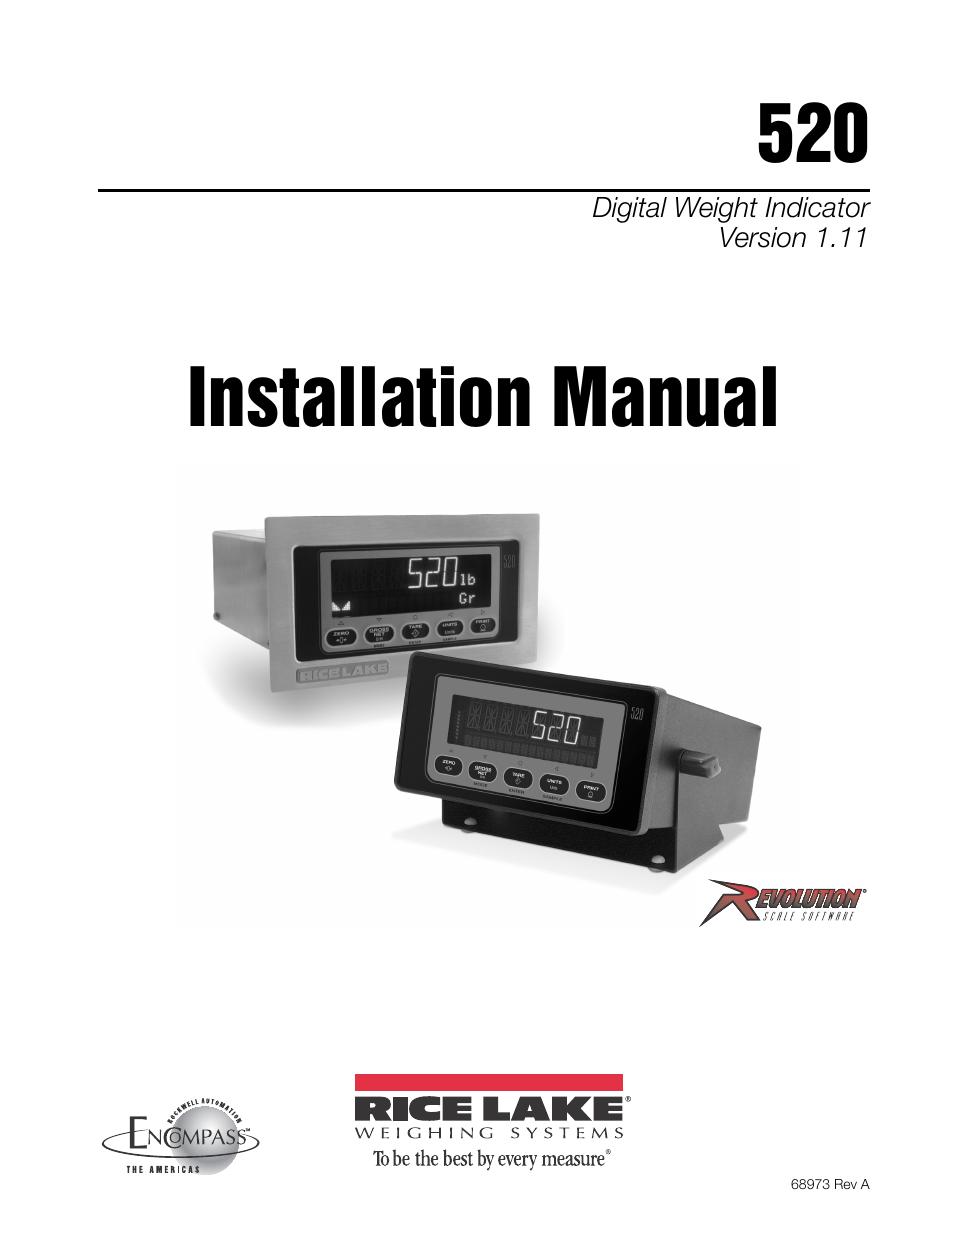 rice lake 520 hmi digital weight indicator installation manual page1 rice lake 520 hmi digital weight indicator installation manual  at bayanpartner.co